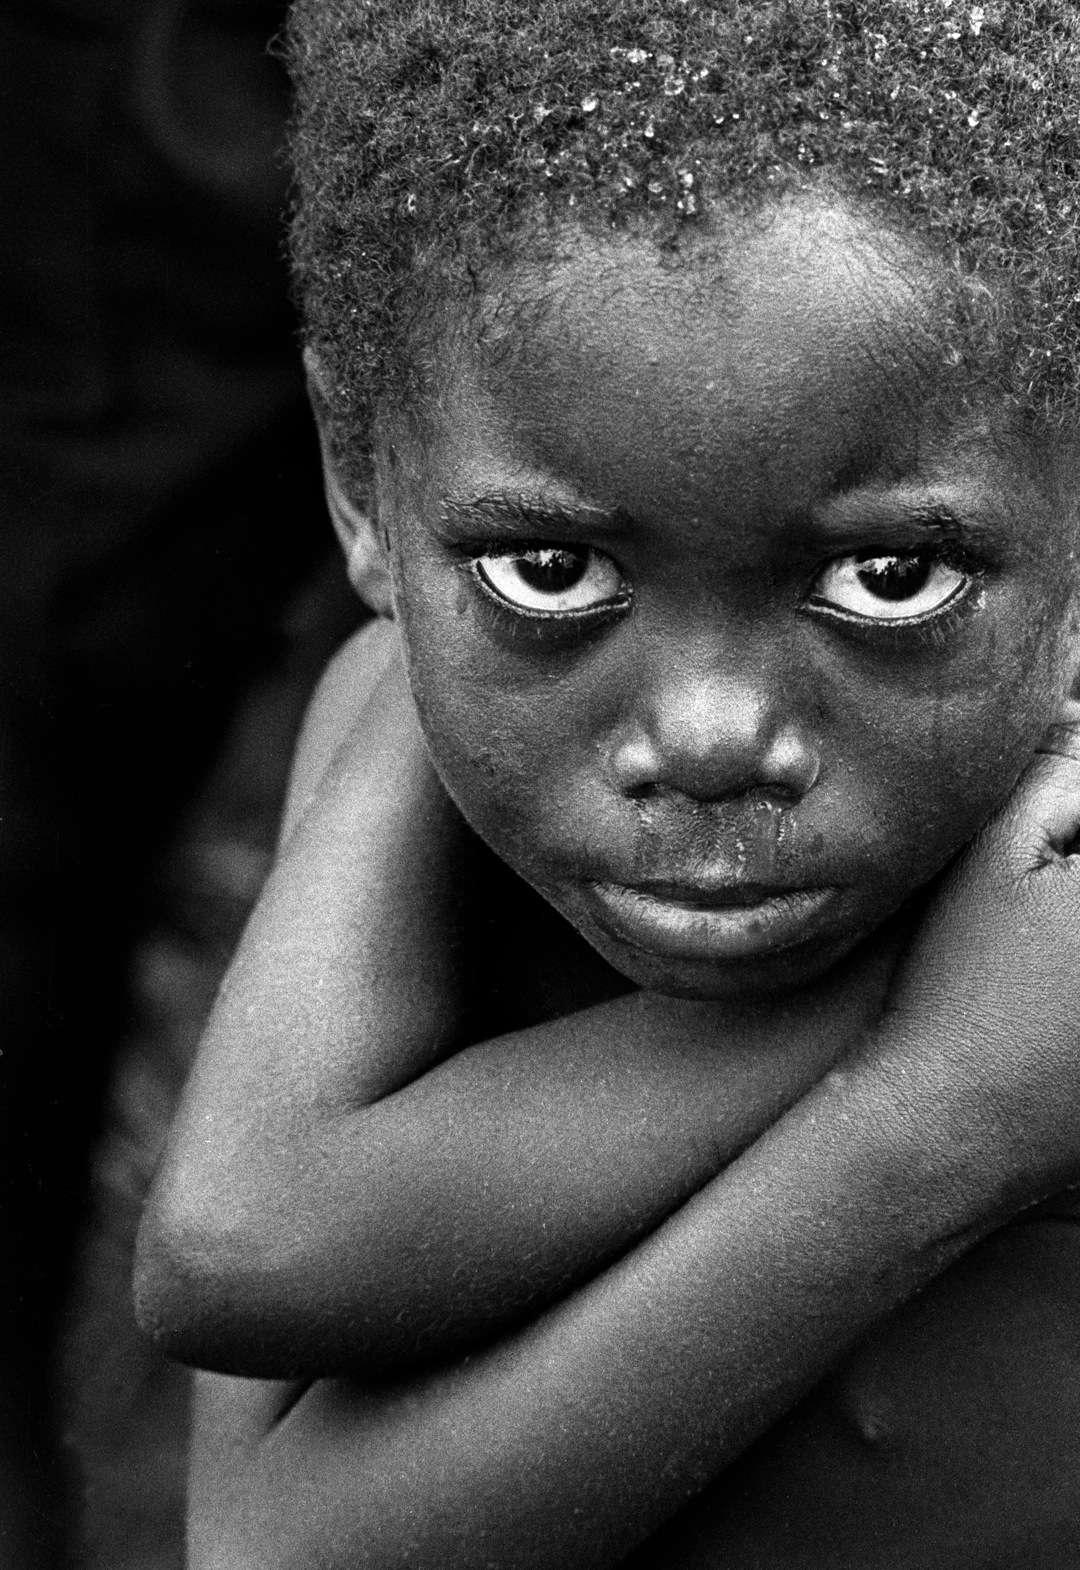 L'Afrique est, comme chaque année, victime d'une épidémie de méningite. L'épisode de 2009 avait été particulièrement meurtrier : 931 personnes avaient trouvé la mort au 11 mars. En 2012, les chiffres sont un peu moins élevés. © Daveblum, Fodopédia, cc by nc nd 2.0